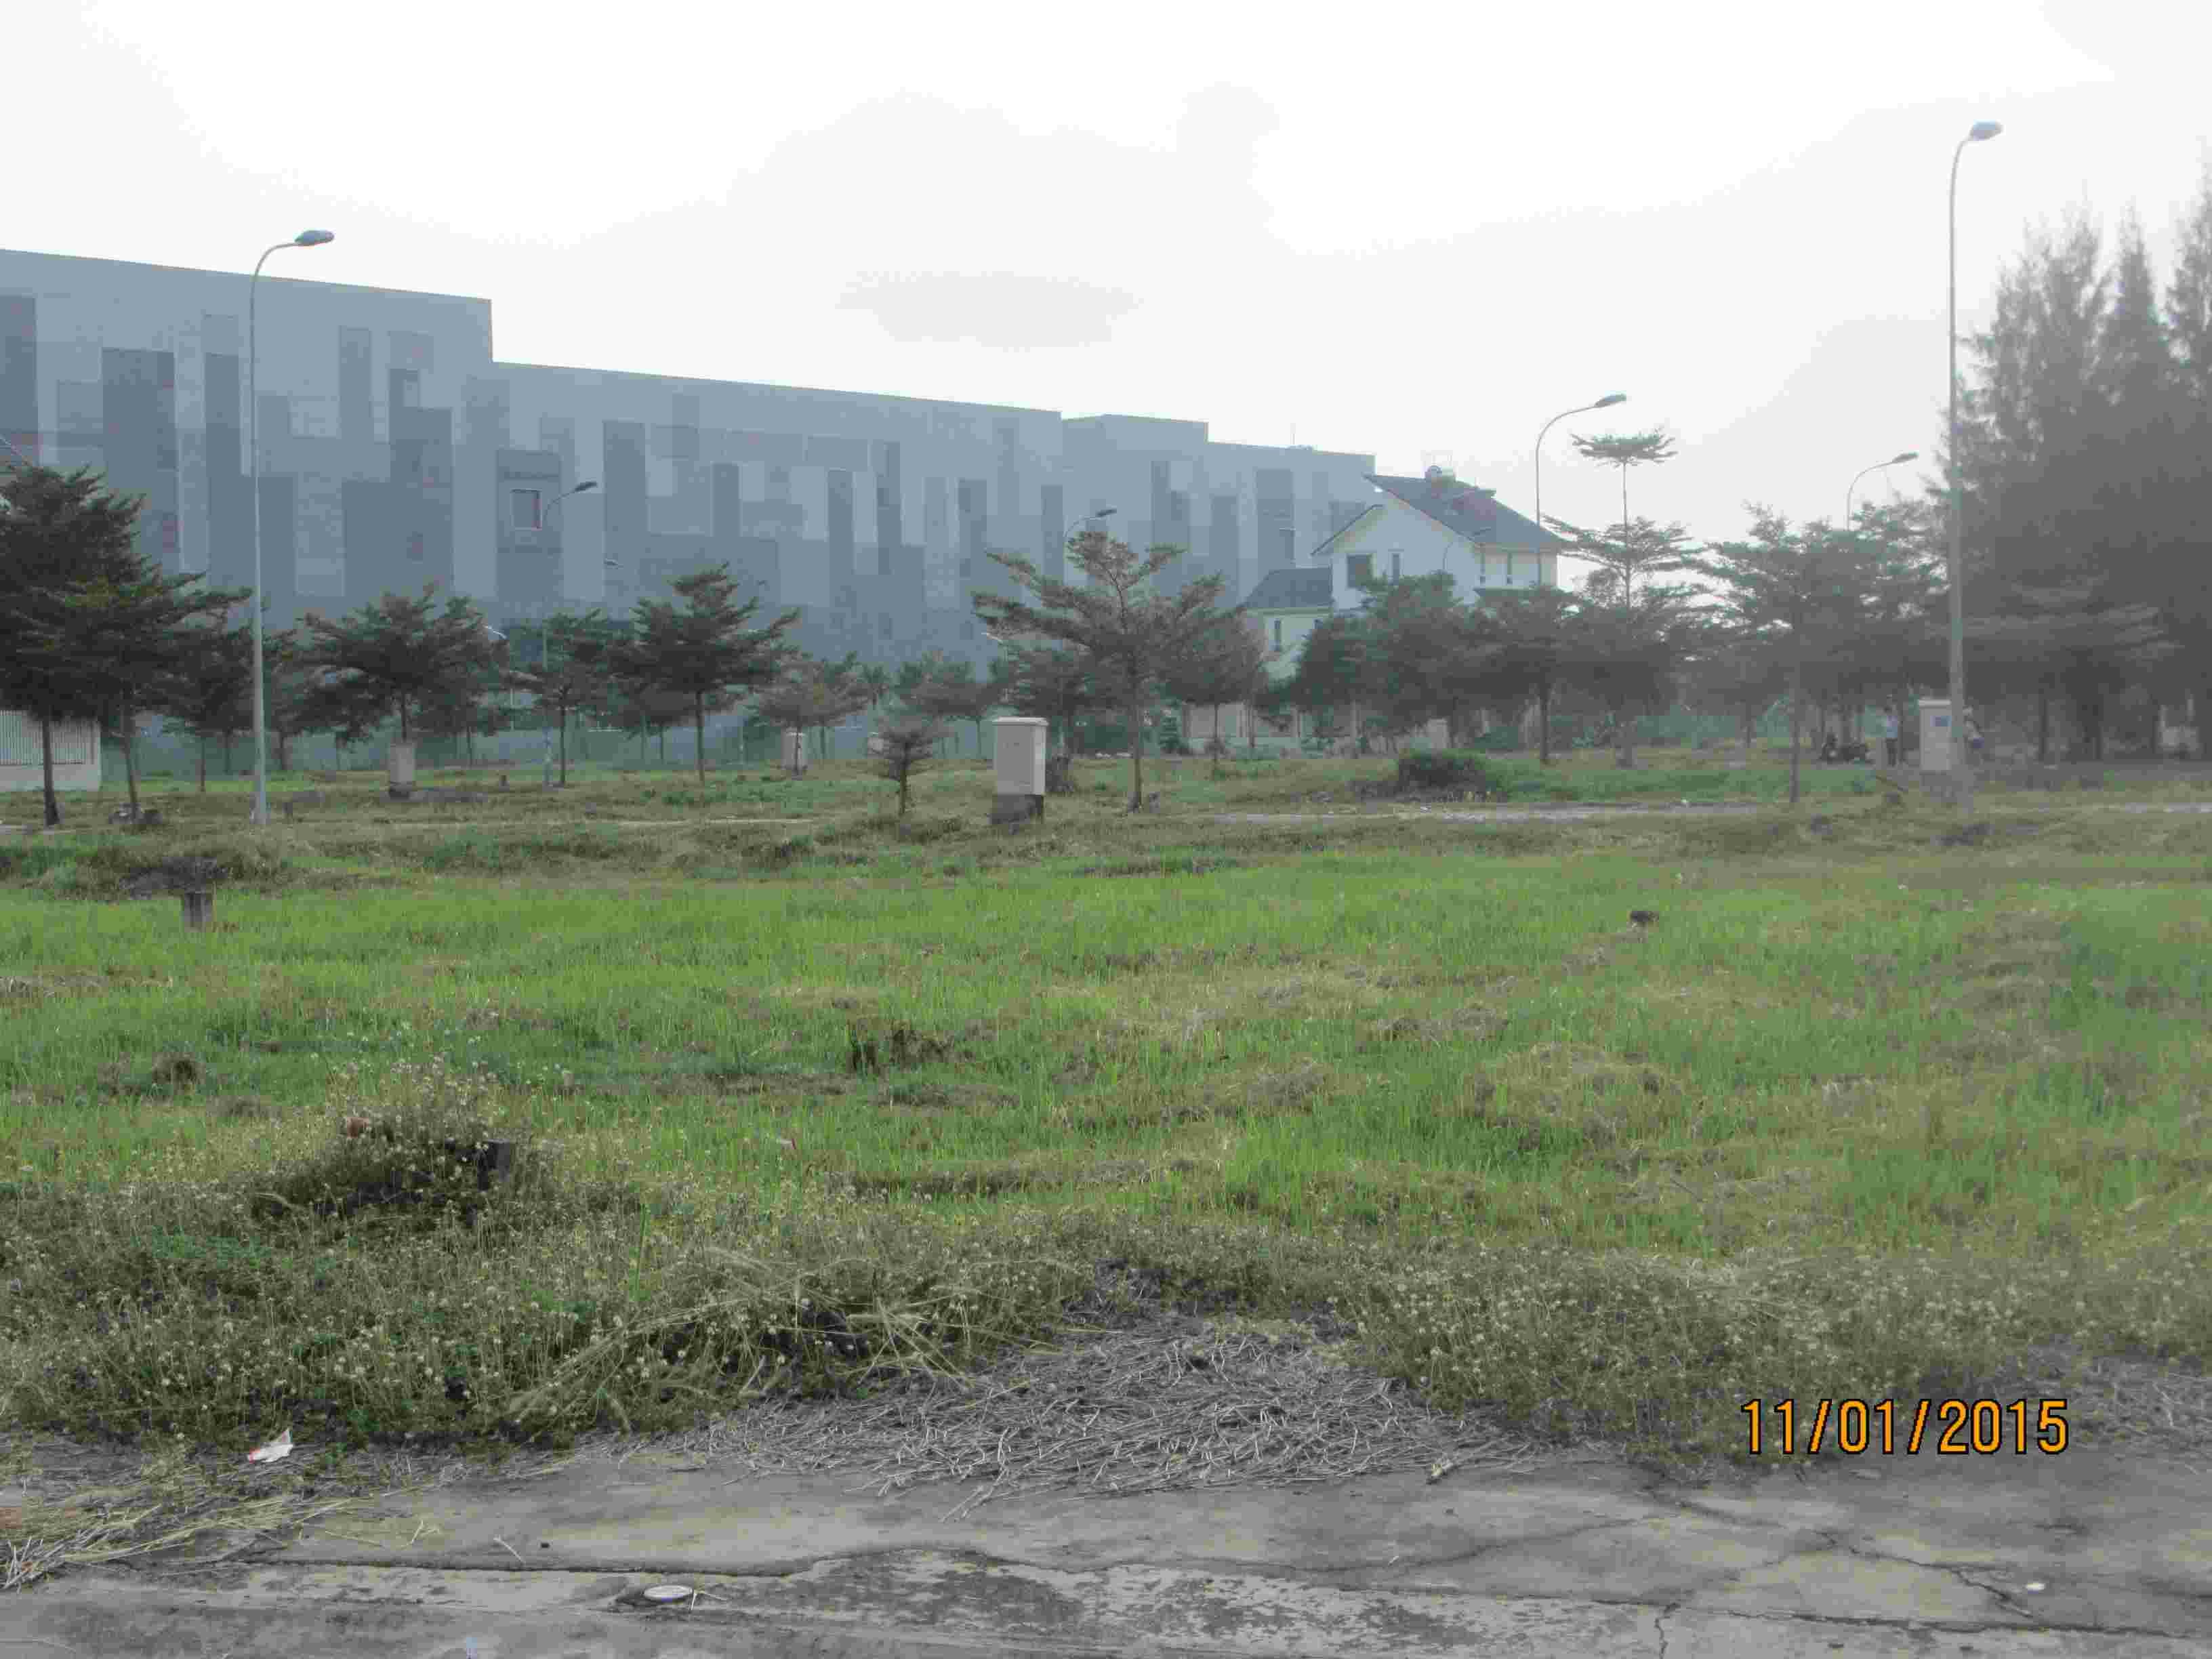 Cân bán gấp đất nền, lô góc 2 MT, khu Sadeco Nghỉ Ngơi Giải Trí Tân Phong, A41, 237m2, hướng B& Đ, giá 75 triệu/m2